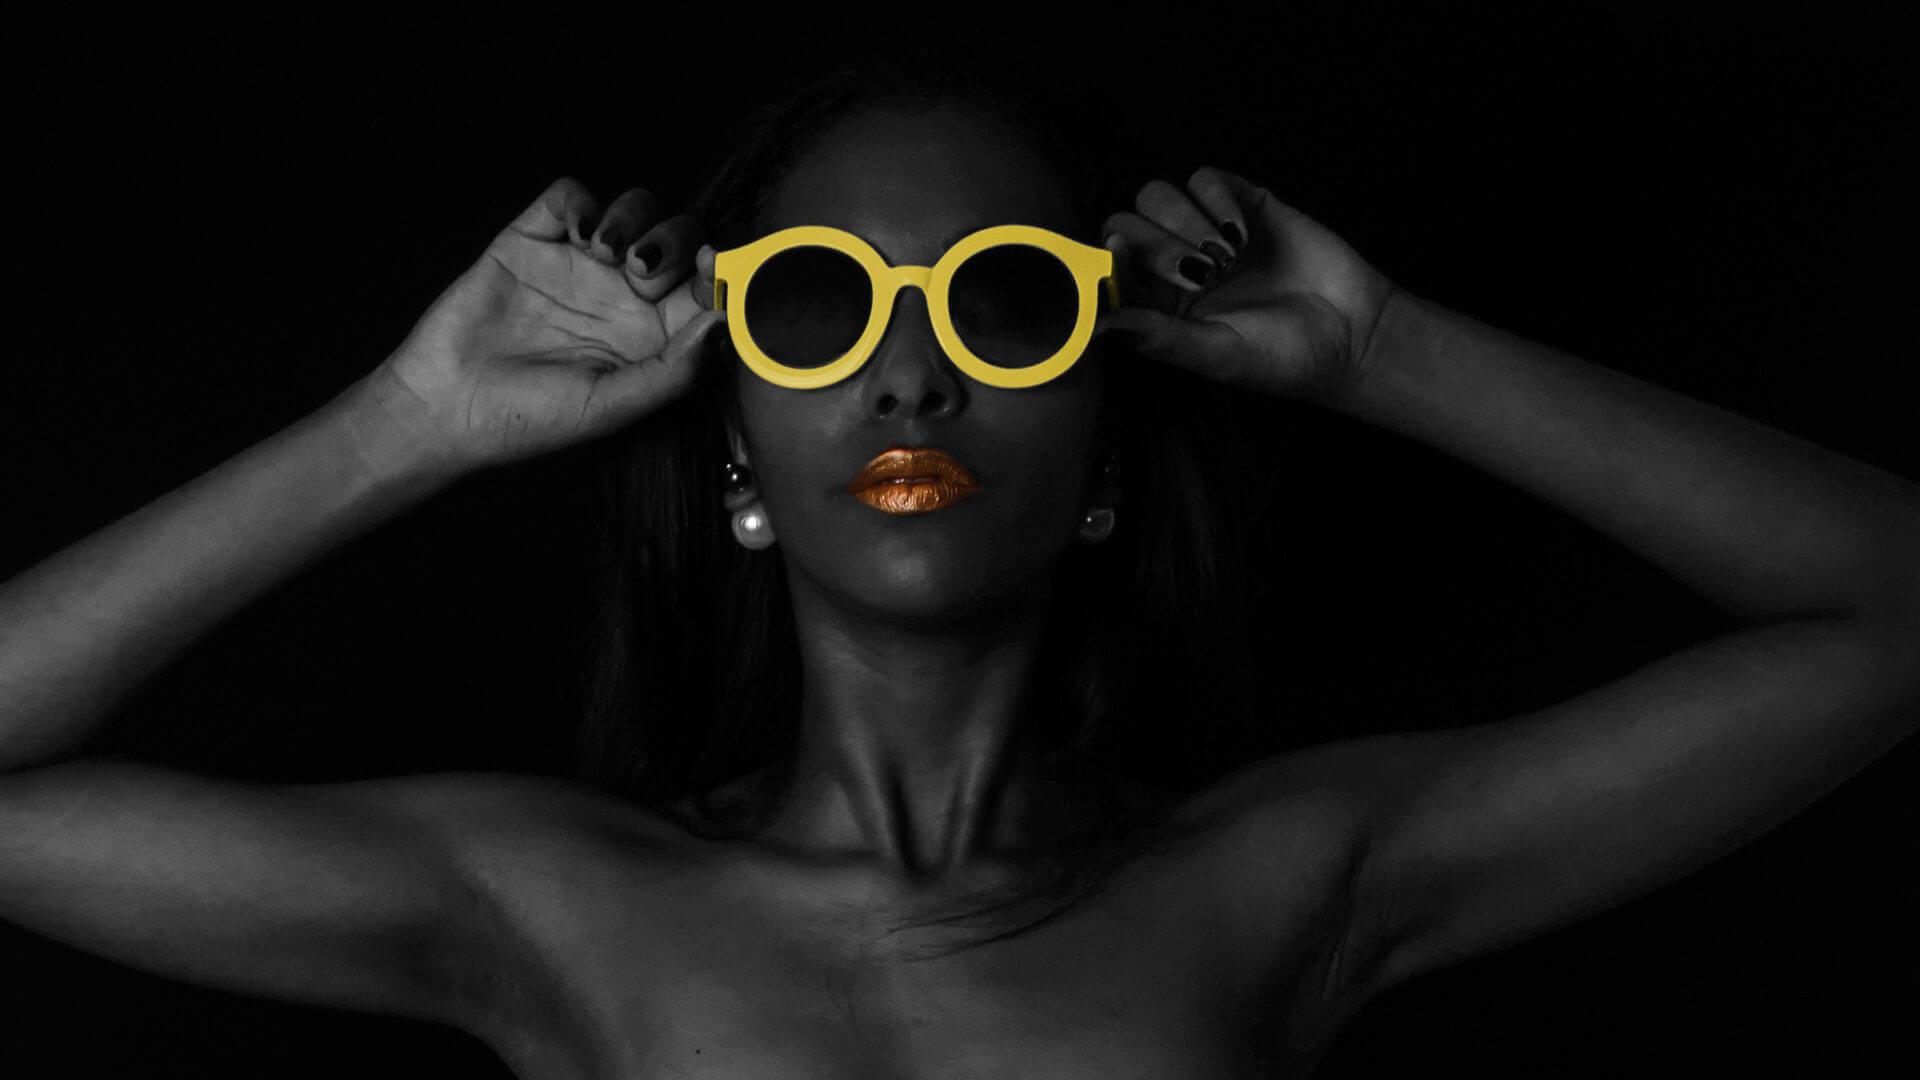 ragazza designer con occhiali gialli